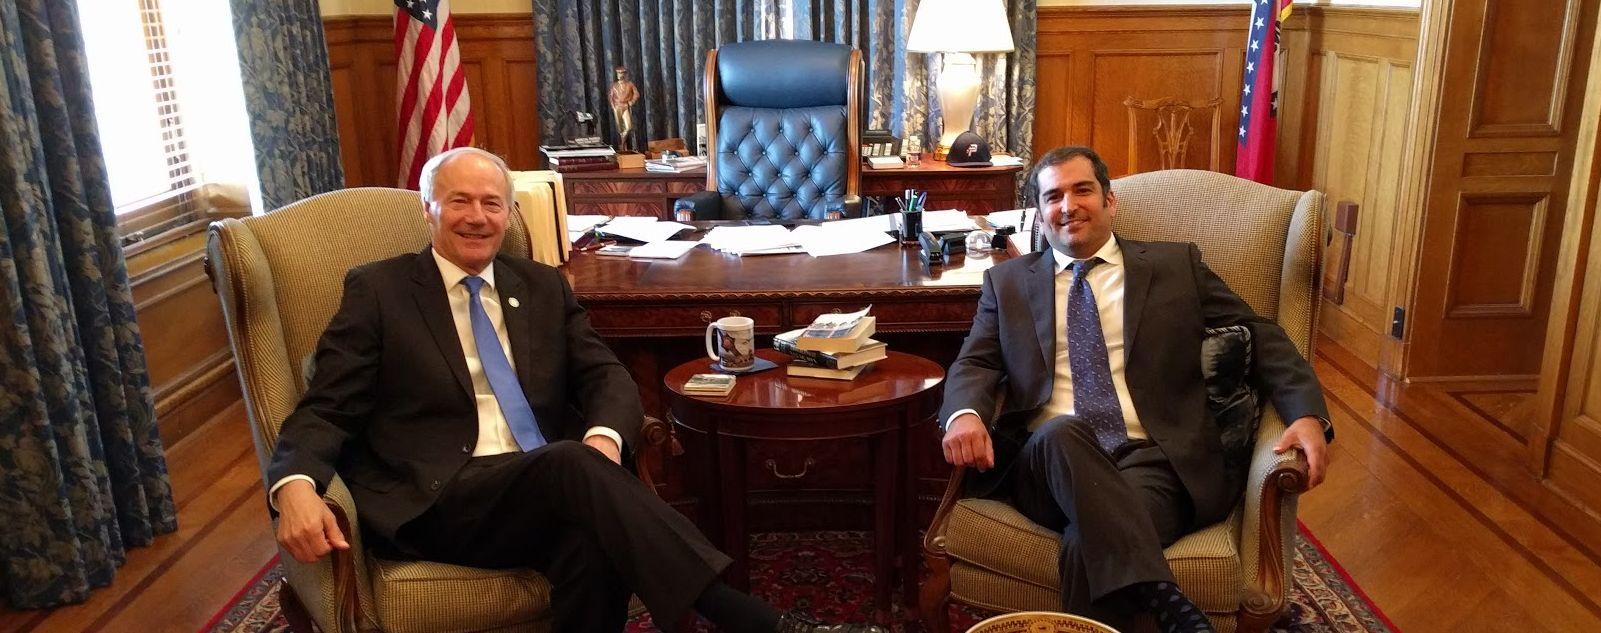 me and gov 2.jpg